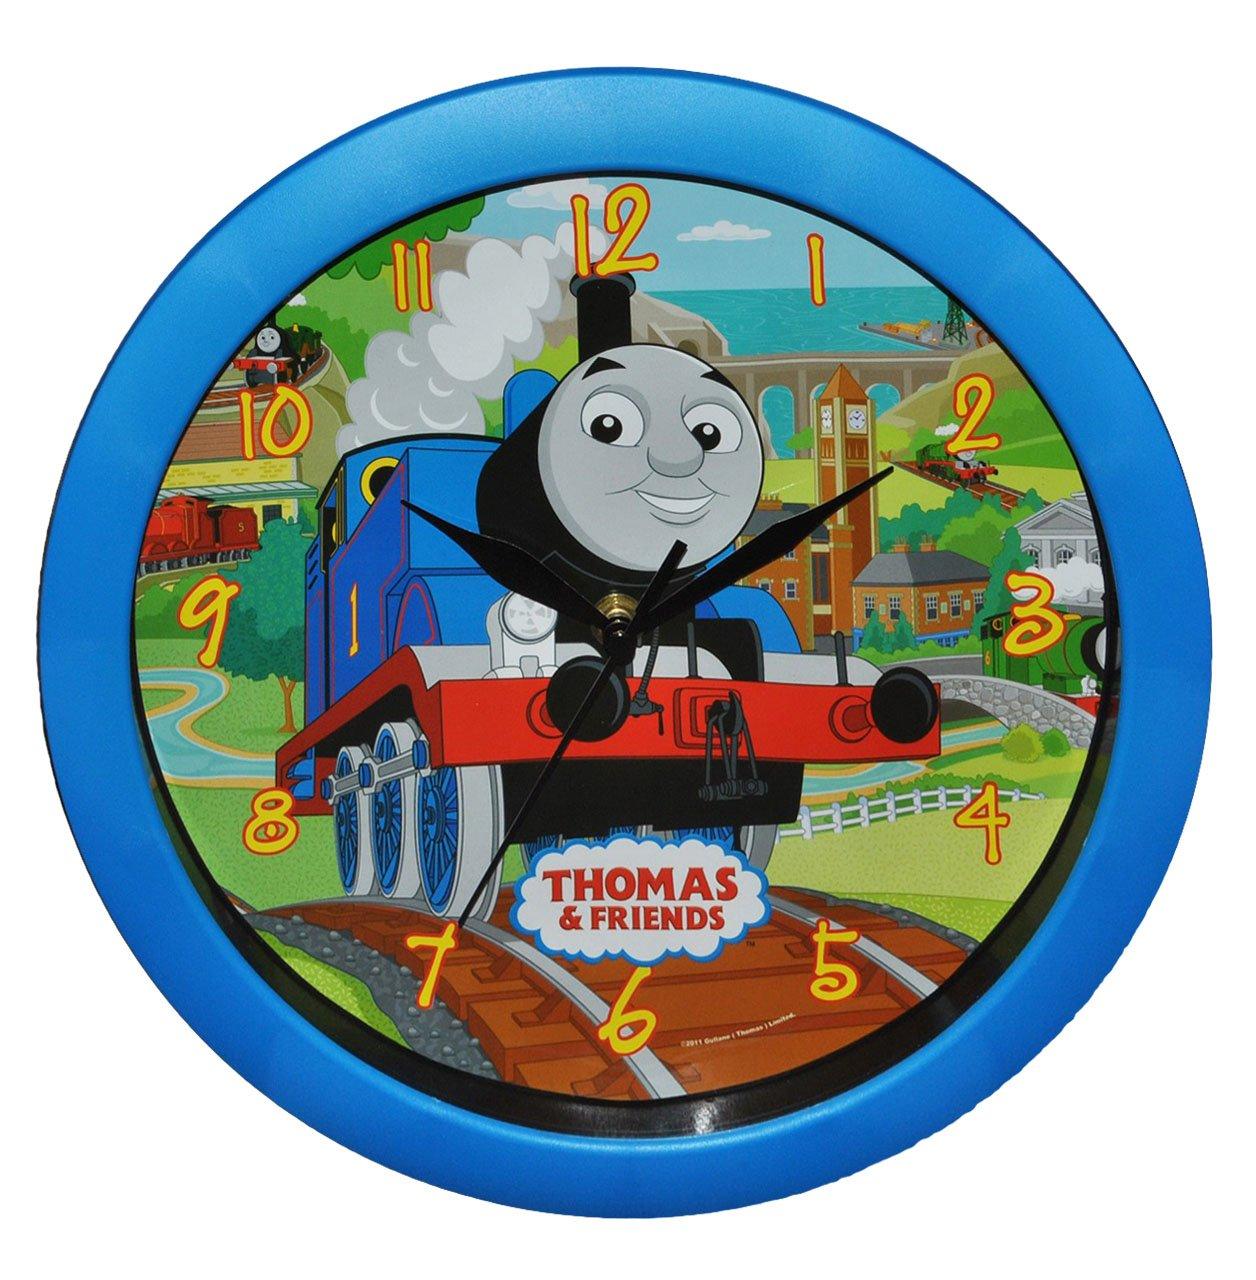 Wanduhr Thomas die Lokomotive – 29 cm groß Uhr – für Kinderzimmer Kinderuhr – Analog Jungen Eisenbahn Lok Zug Bahn Züge günstig